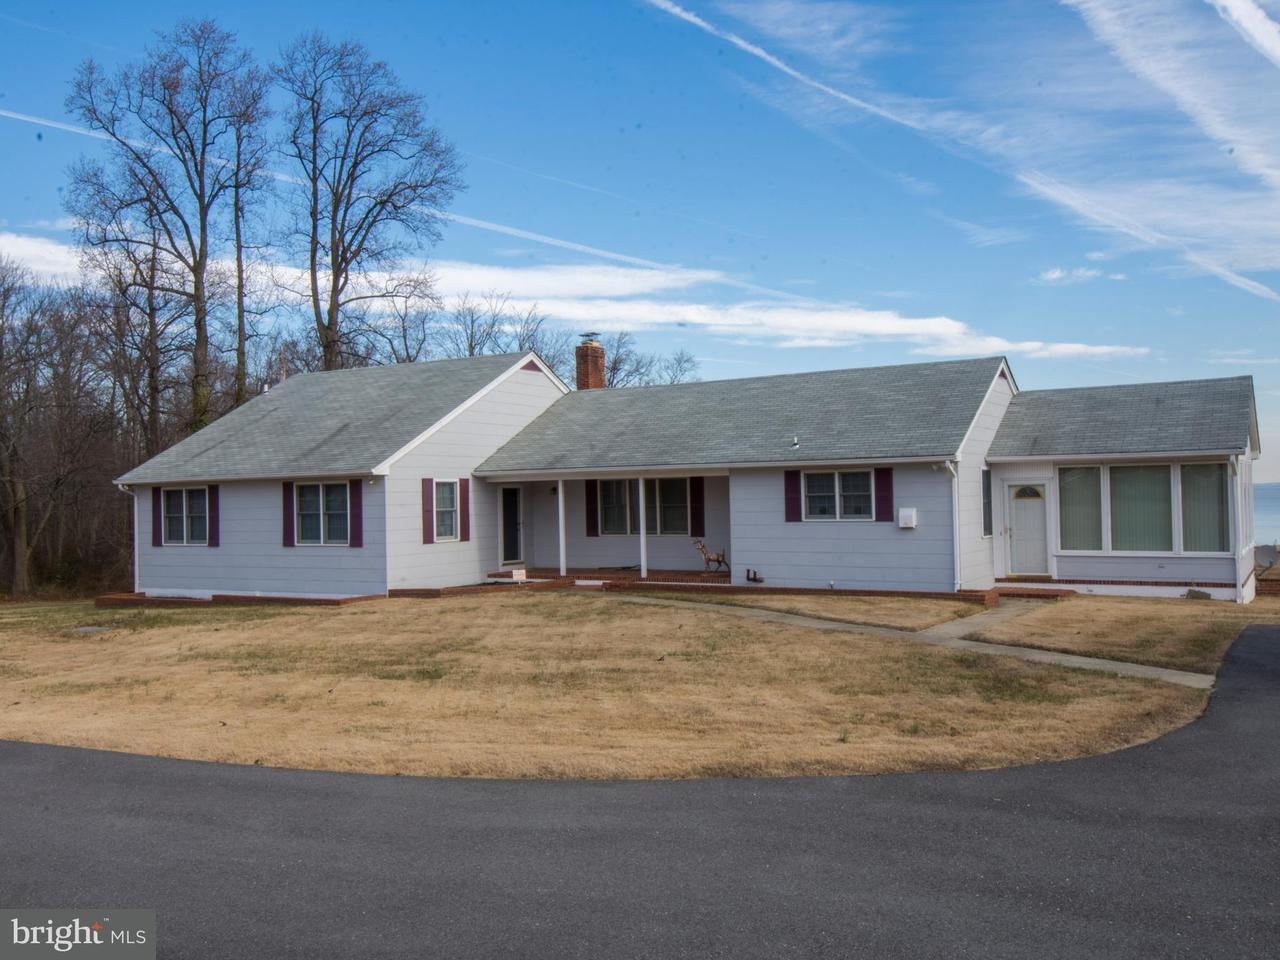 Μονοκατοικία για την Πώληση στο 5116 Mountain Road 5116 Mountain Road Pasadena, Μεριλαντ 21122 Ηνωμενεσ Πολιτειεσ